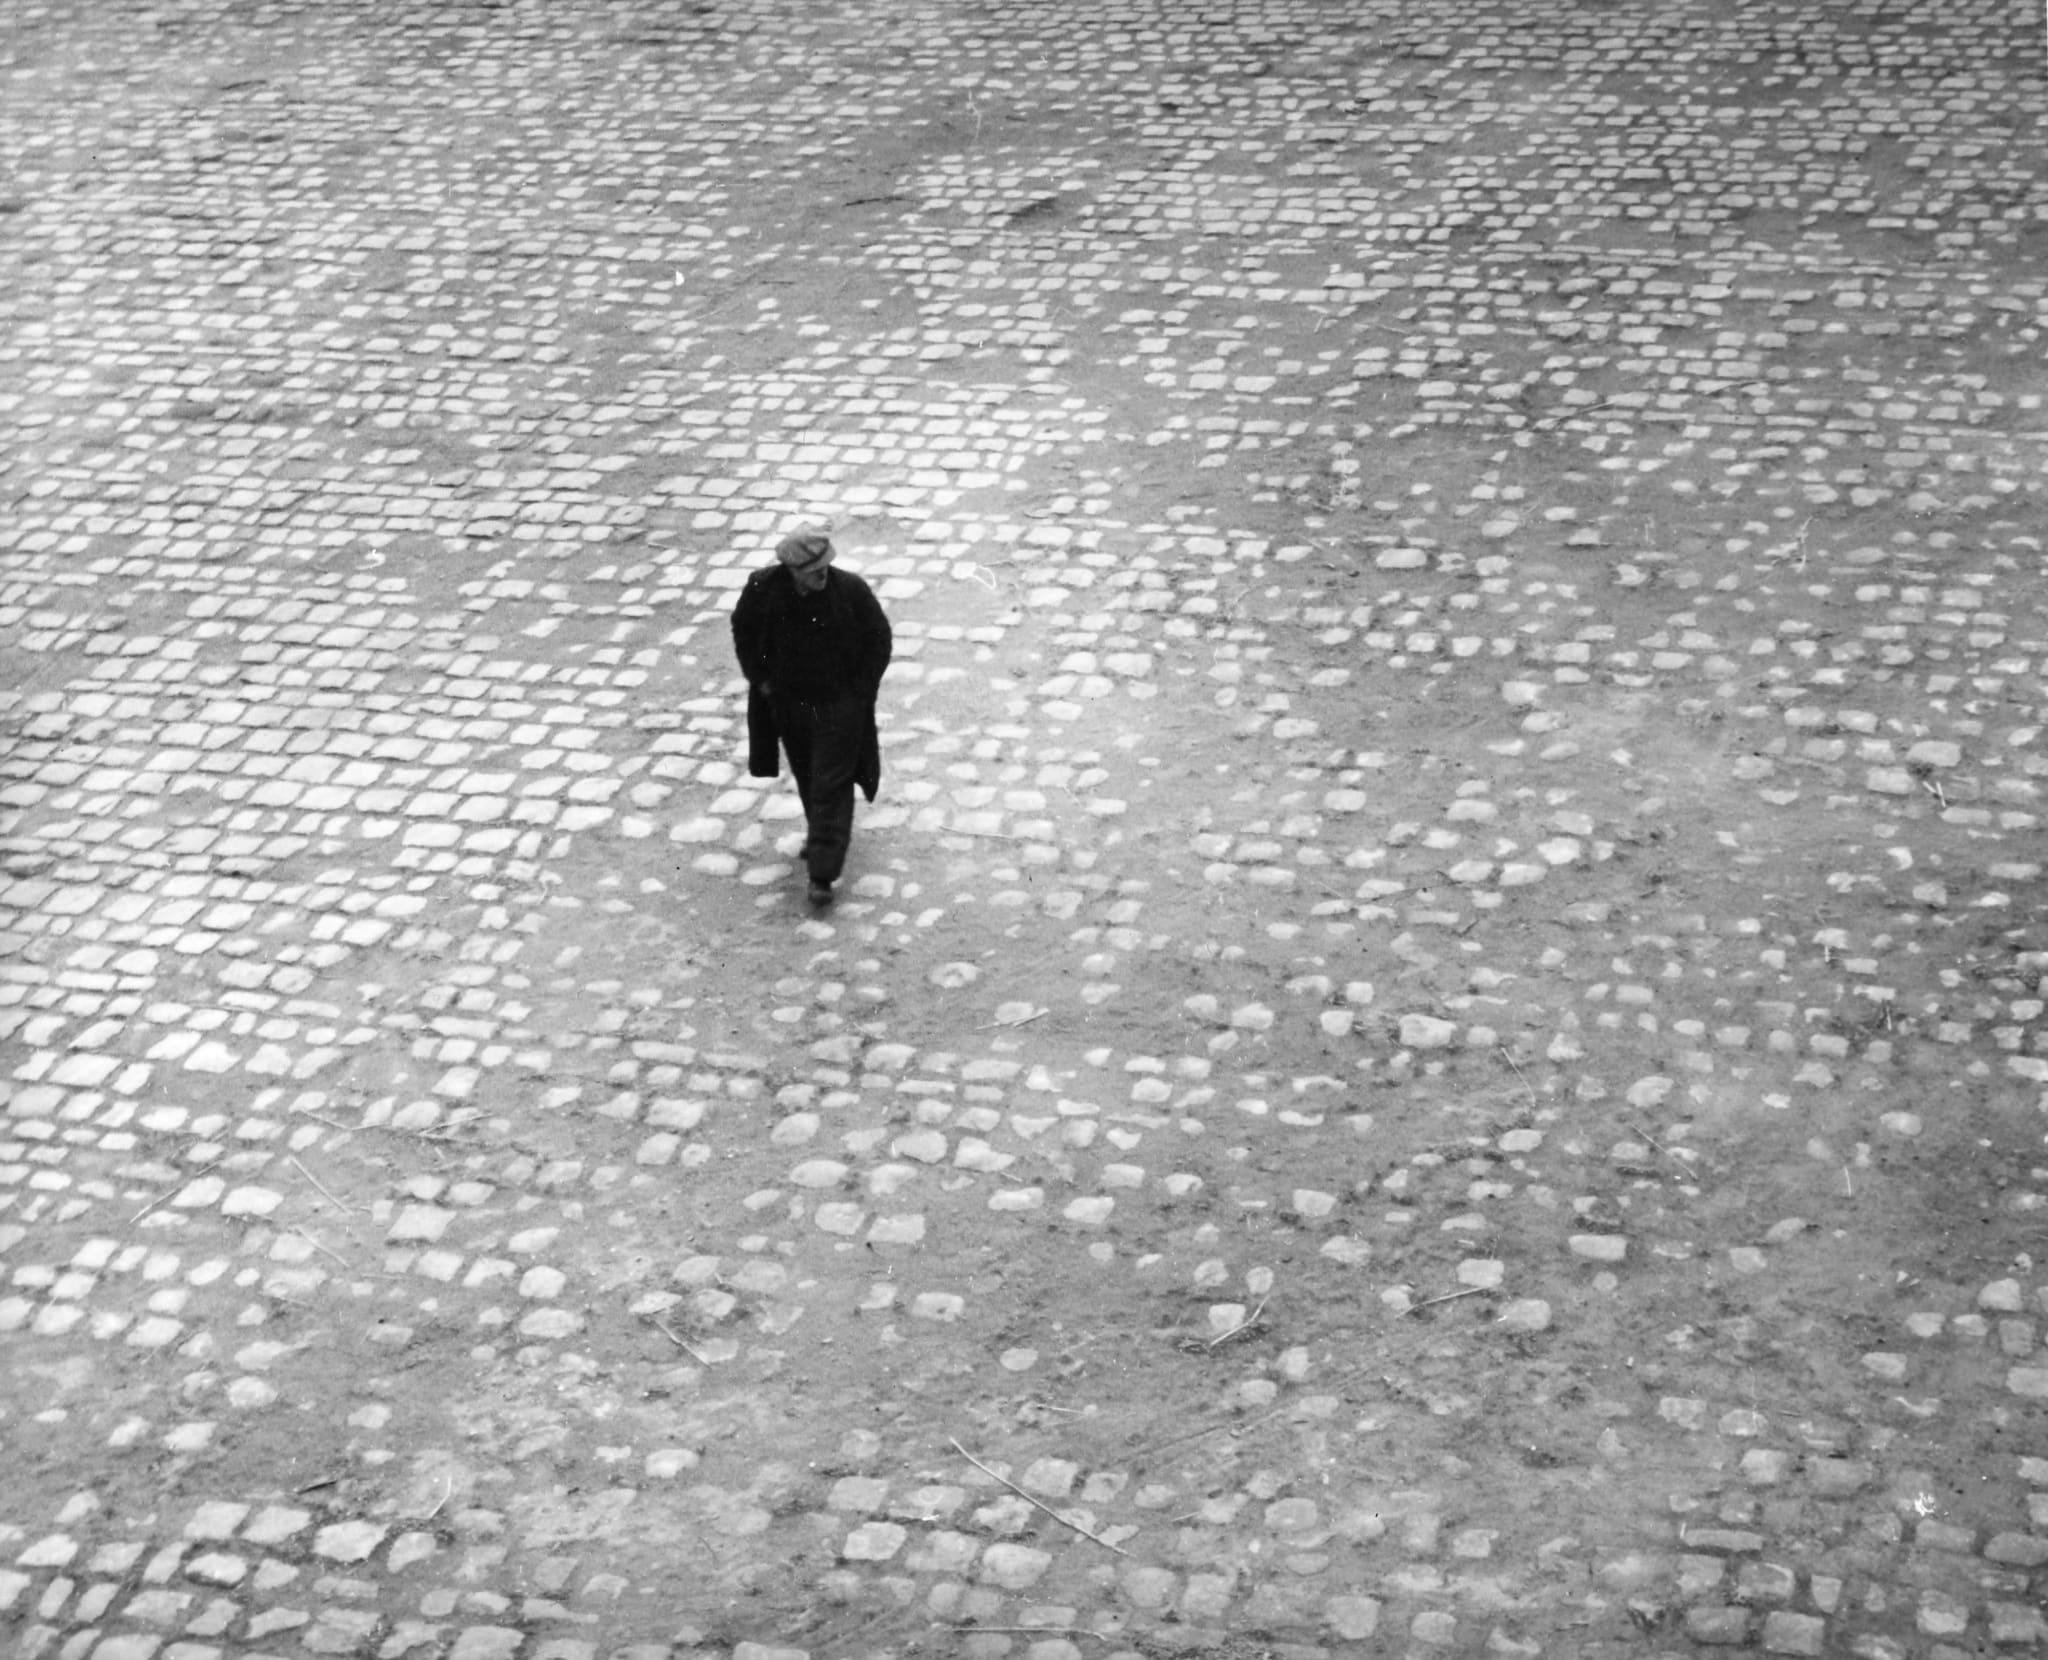 Sur le Quai, Paris by André Kertész